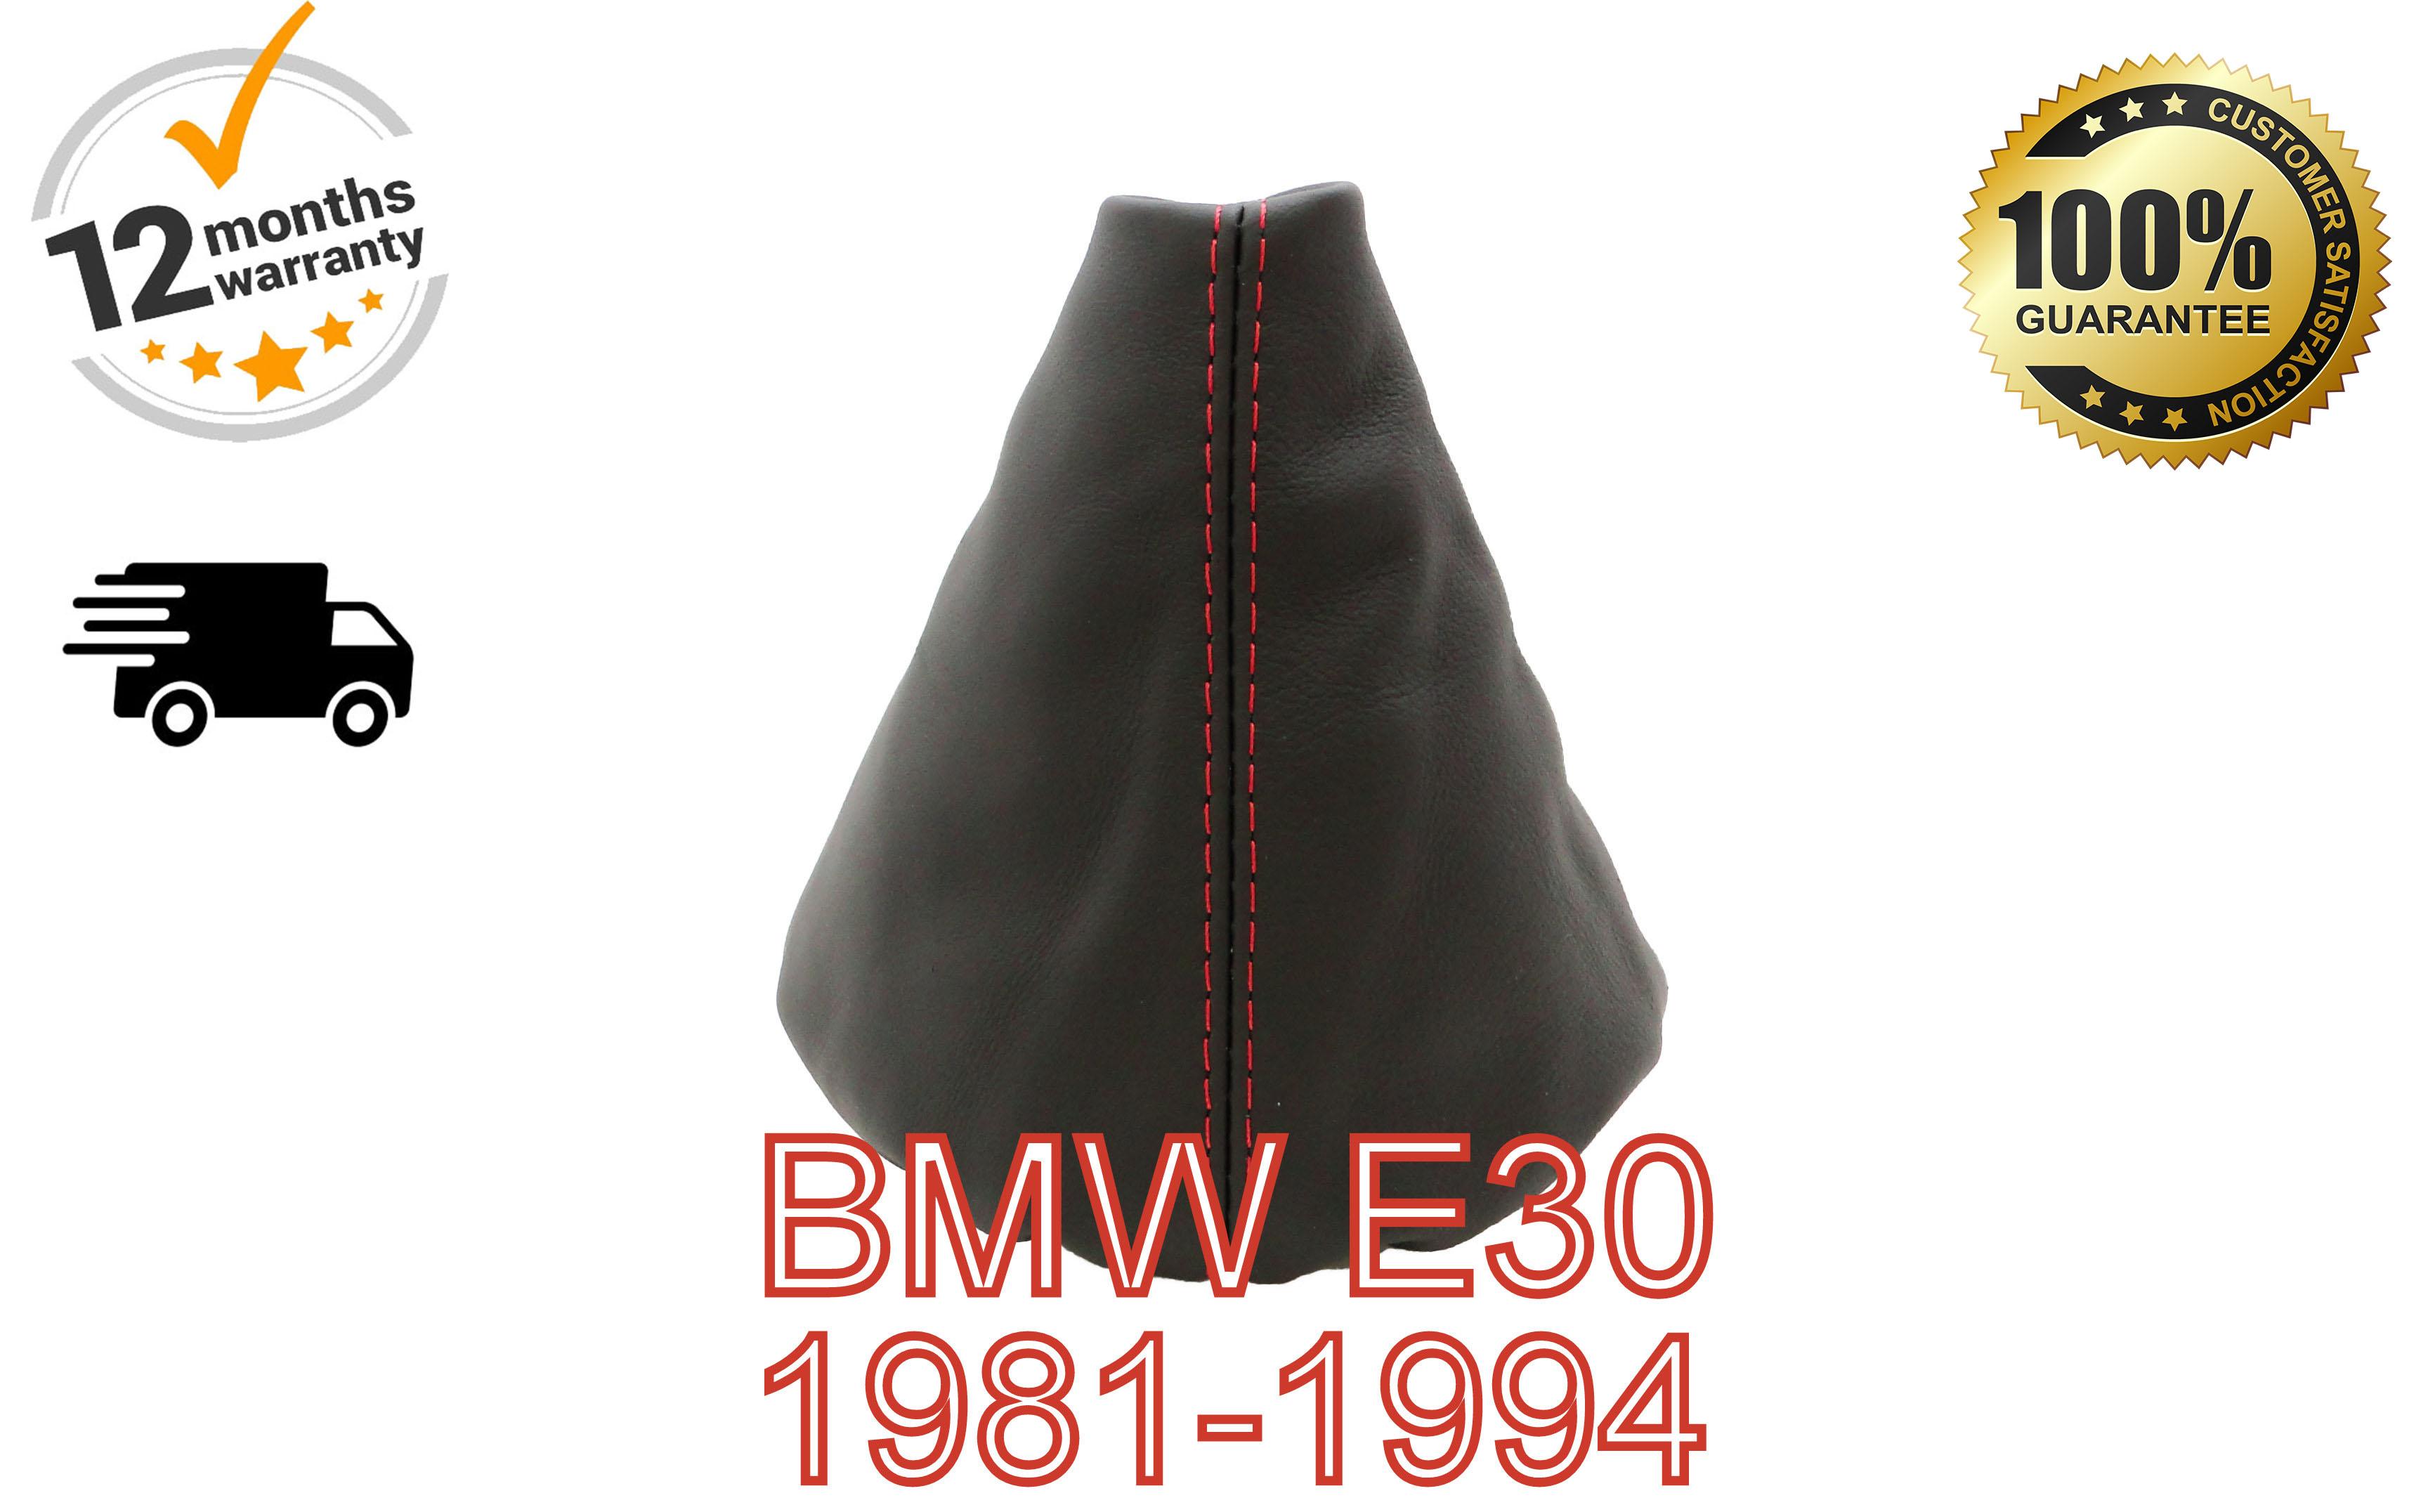 Adatto a BMW E30 3 pelle rossa GEAR SHIFT Boot Ghetta NUOVO